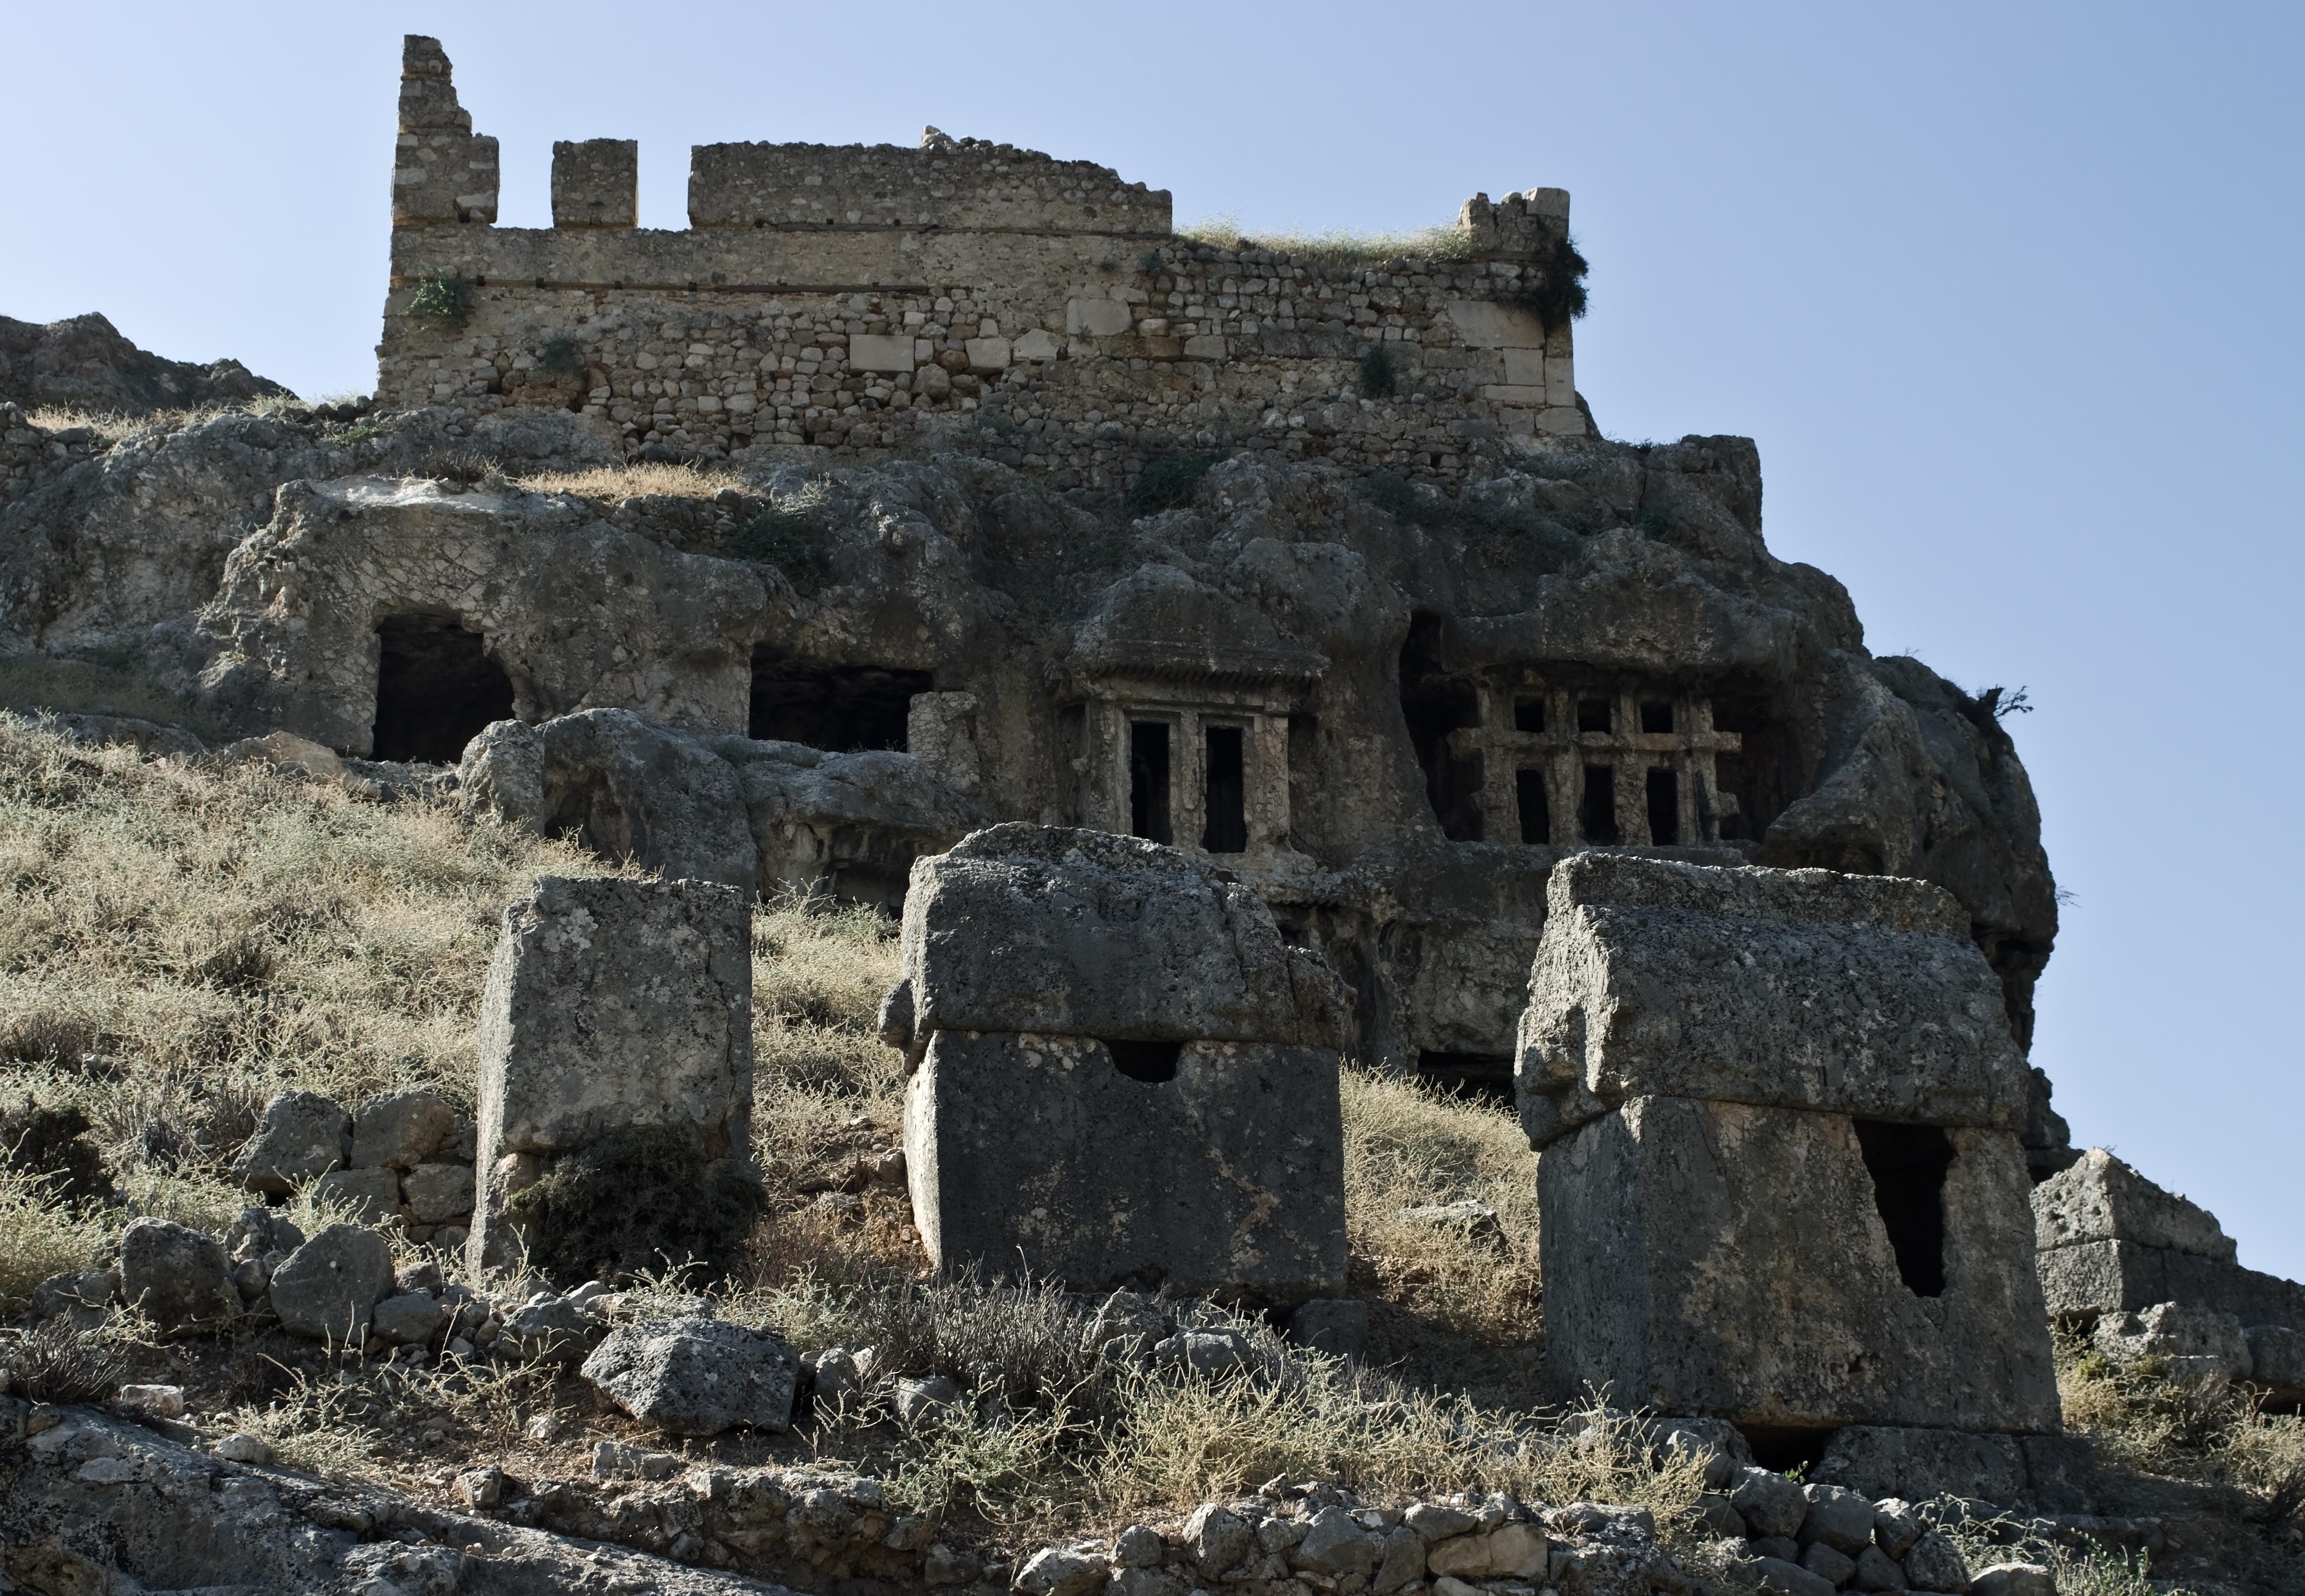 File:Lycian tombs Tlos IMGP8449.jpg